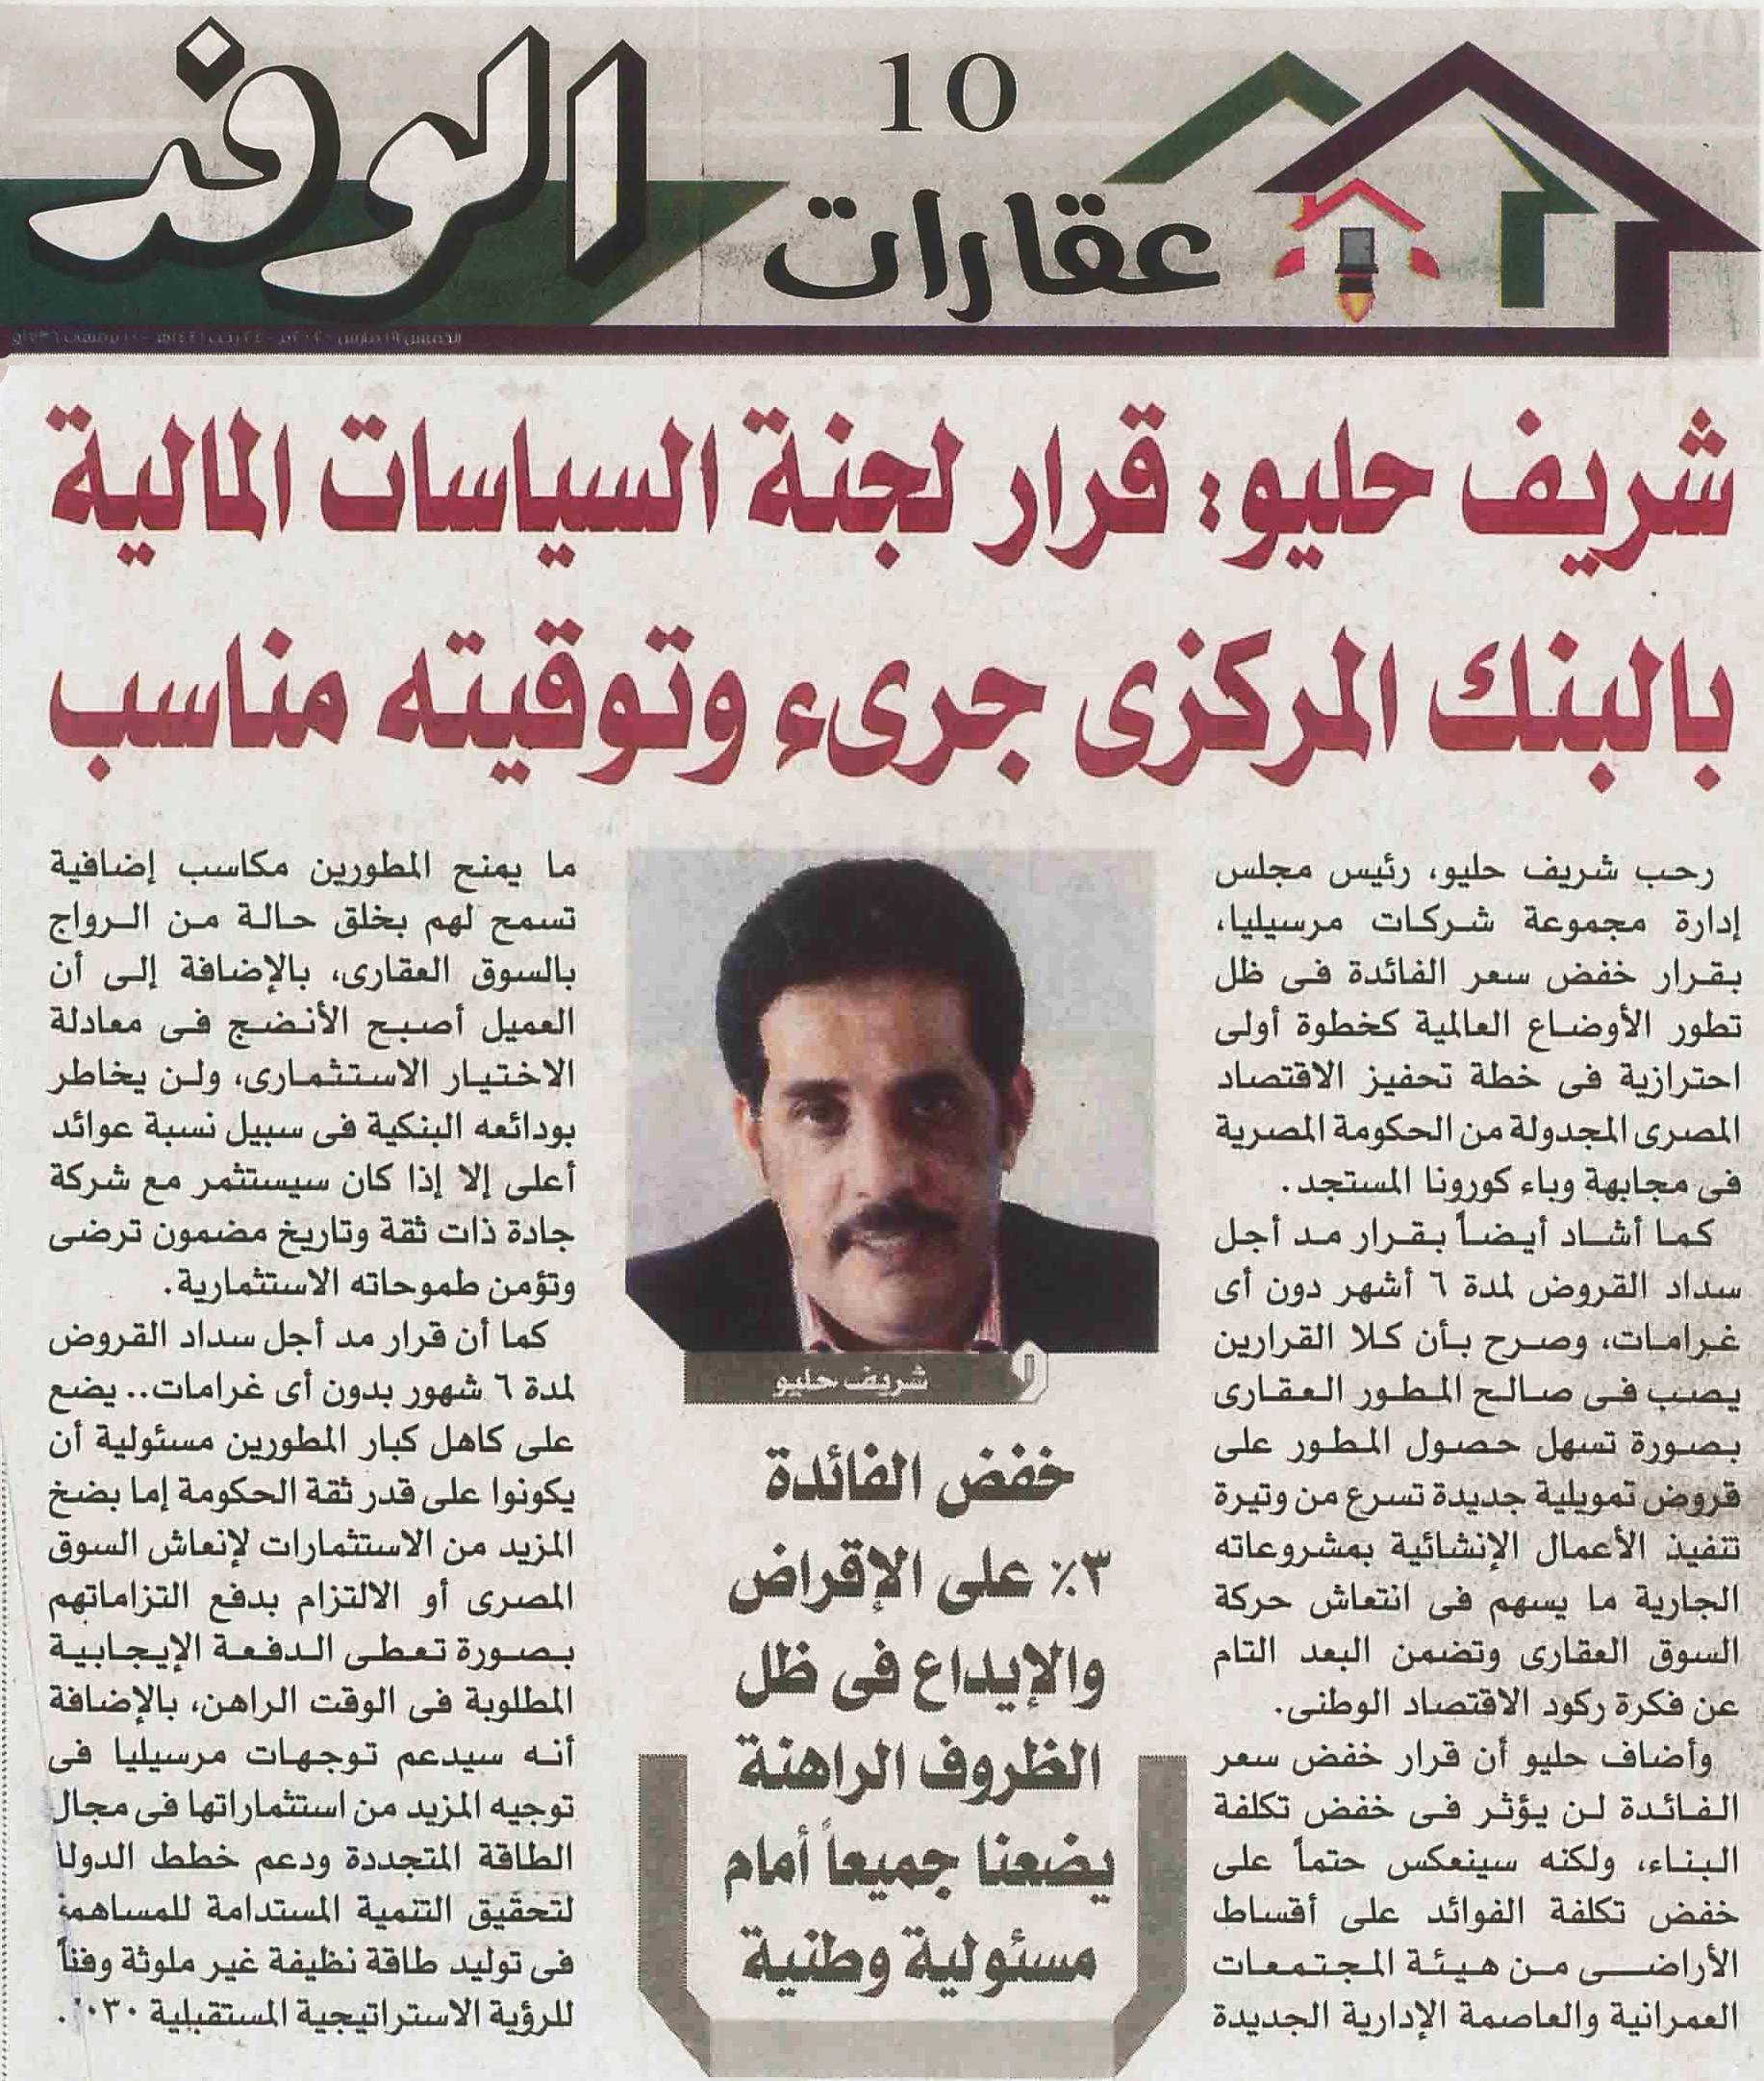 شريف حليو - الوفد الخبر